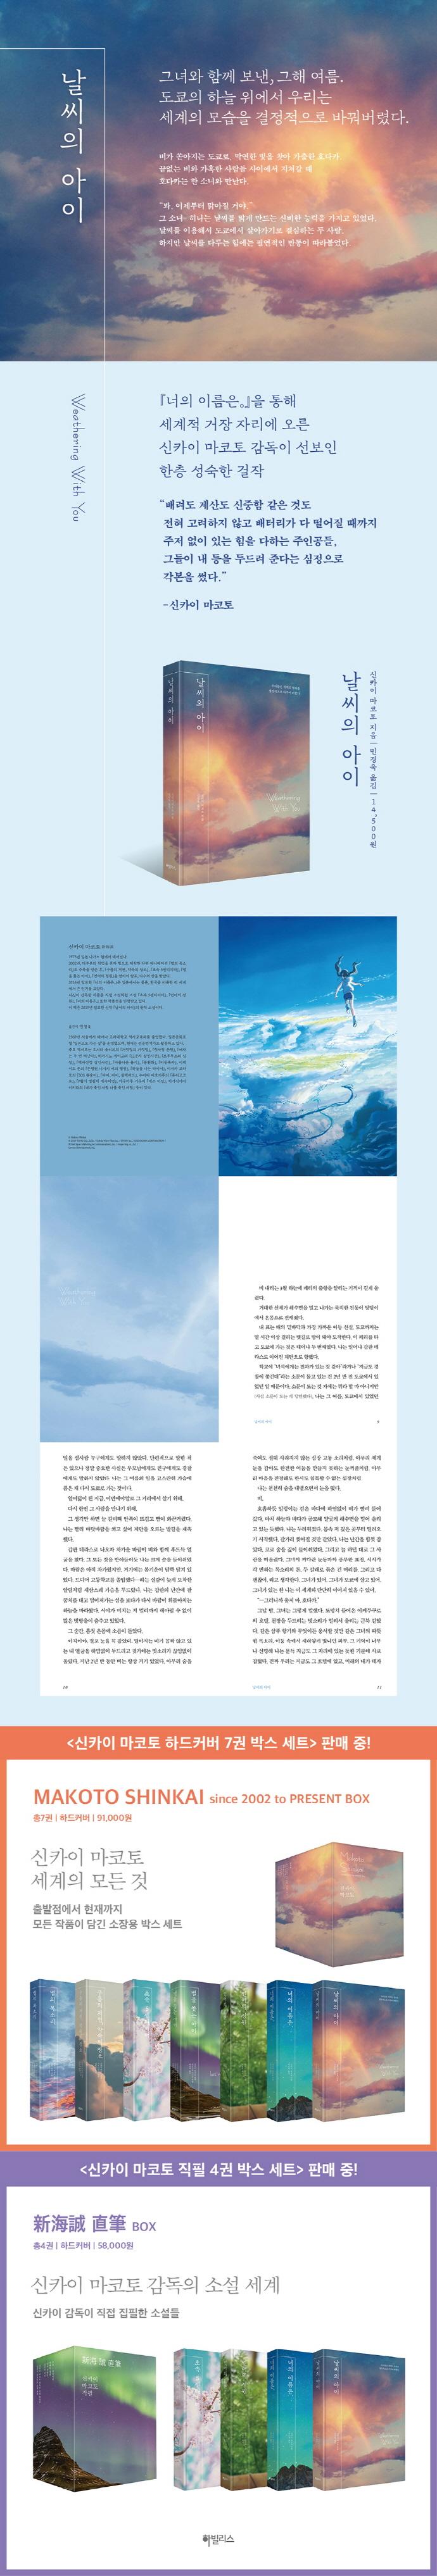 날씨의 아이(엔티노벨(NT Novel))(양장본 HardCover) 도서 상세이미지